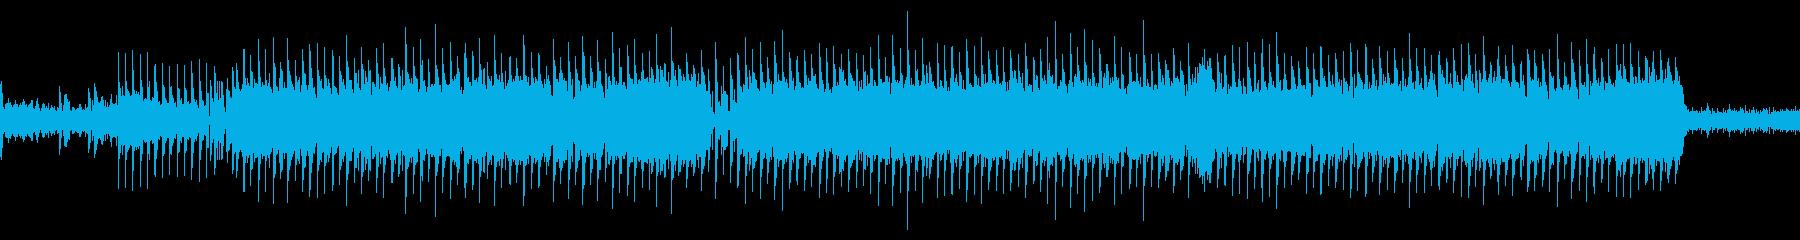 シューティングゲーム風BGMLoop仕様の再生済みの波形